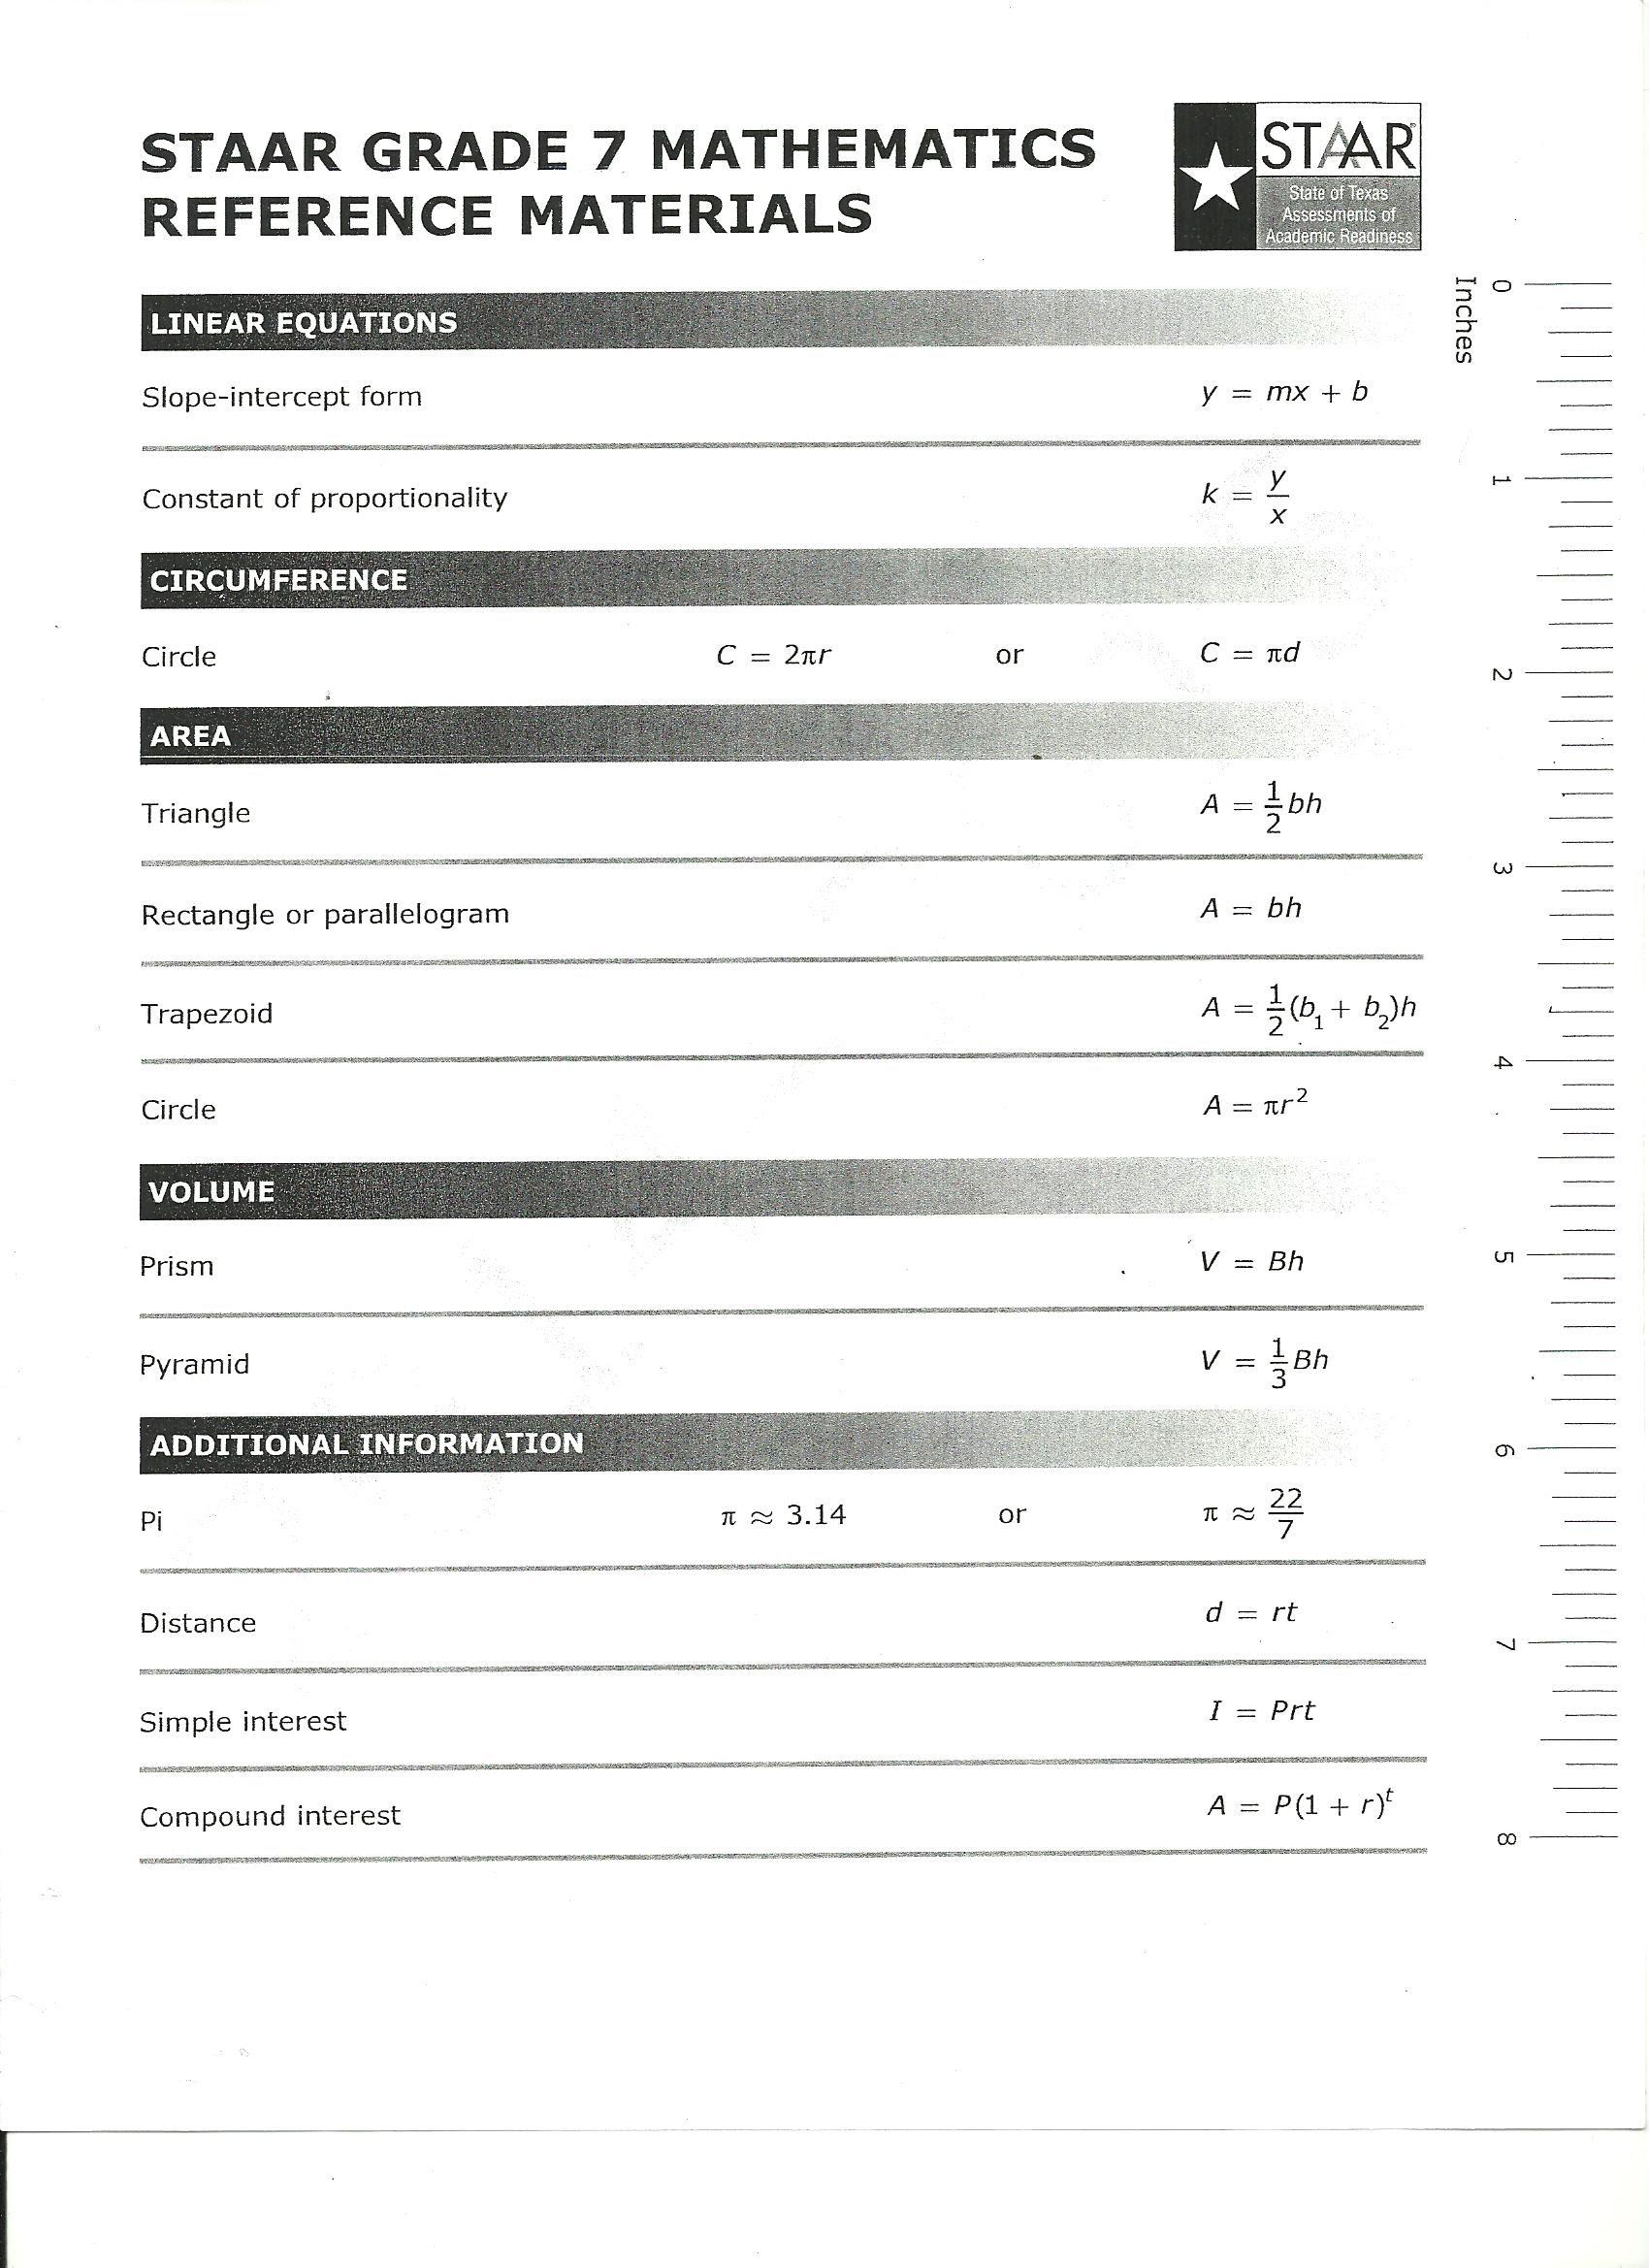 35 Staar Math 8 Formula Chart